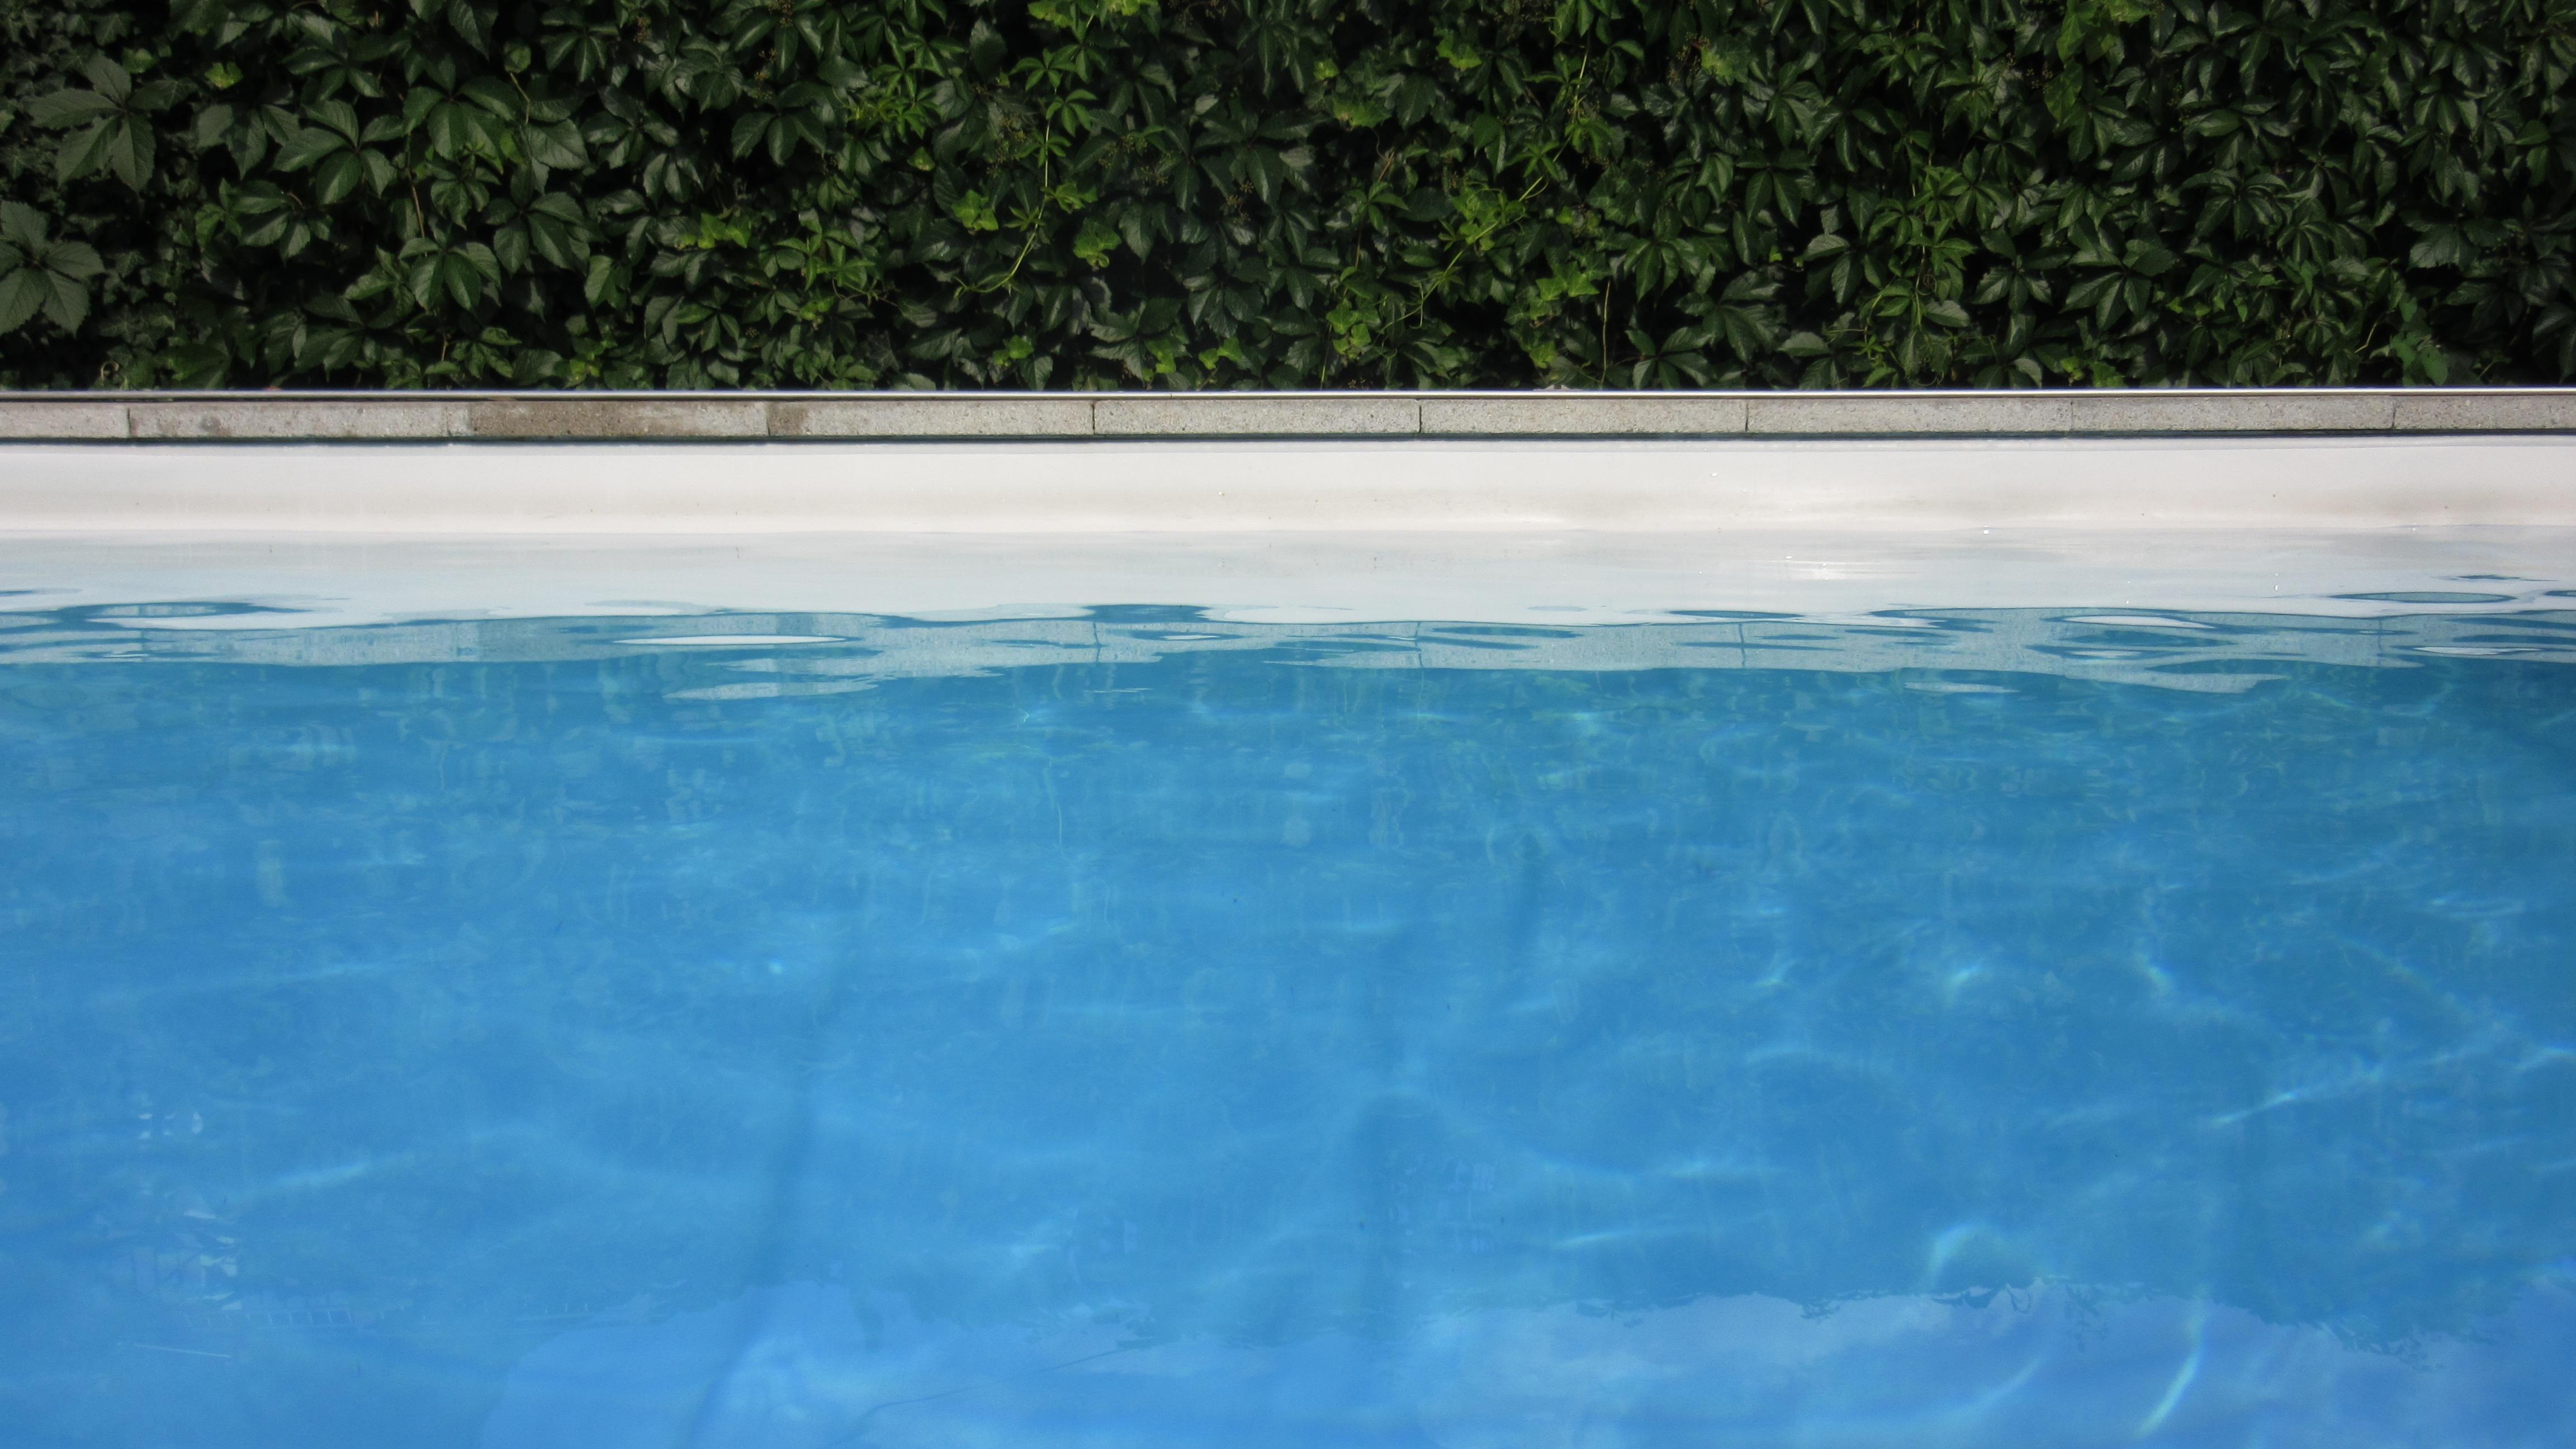 Fotos gratis agua claro patr n reflexi n piscina for Piscinas de superficie rectangulares